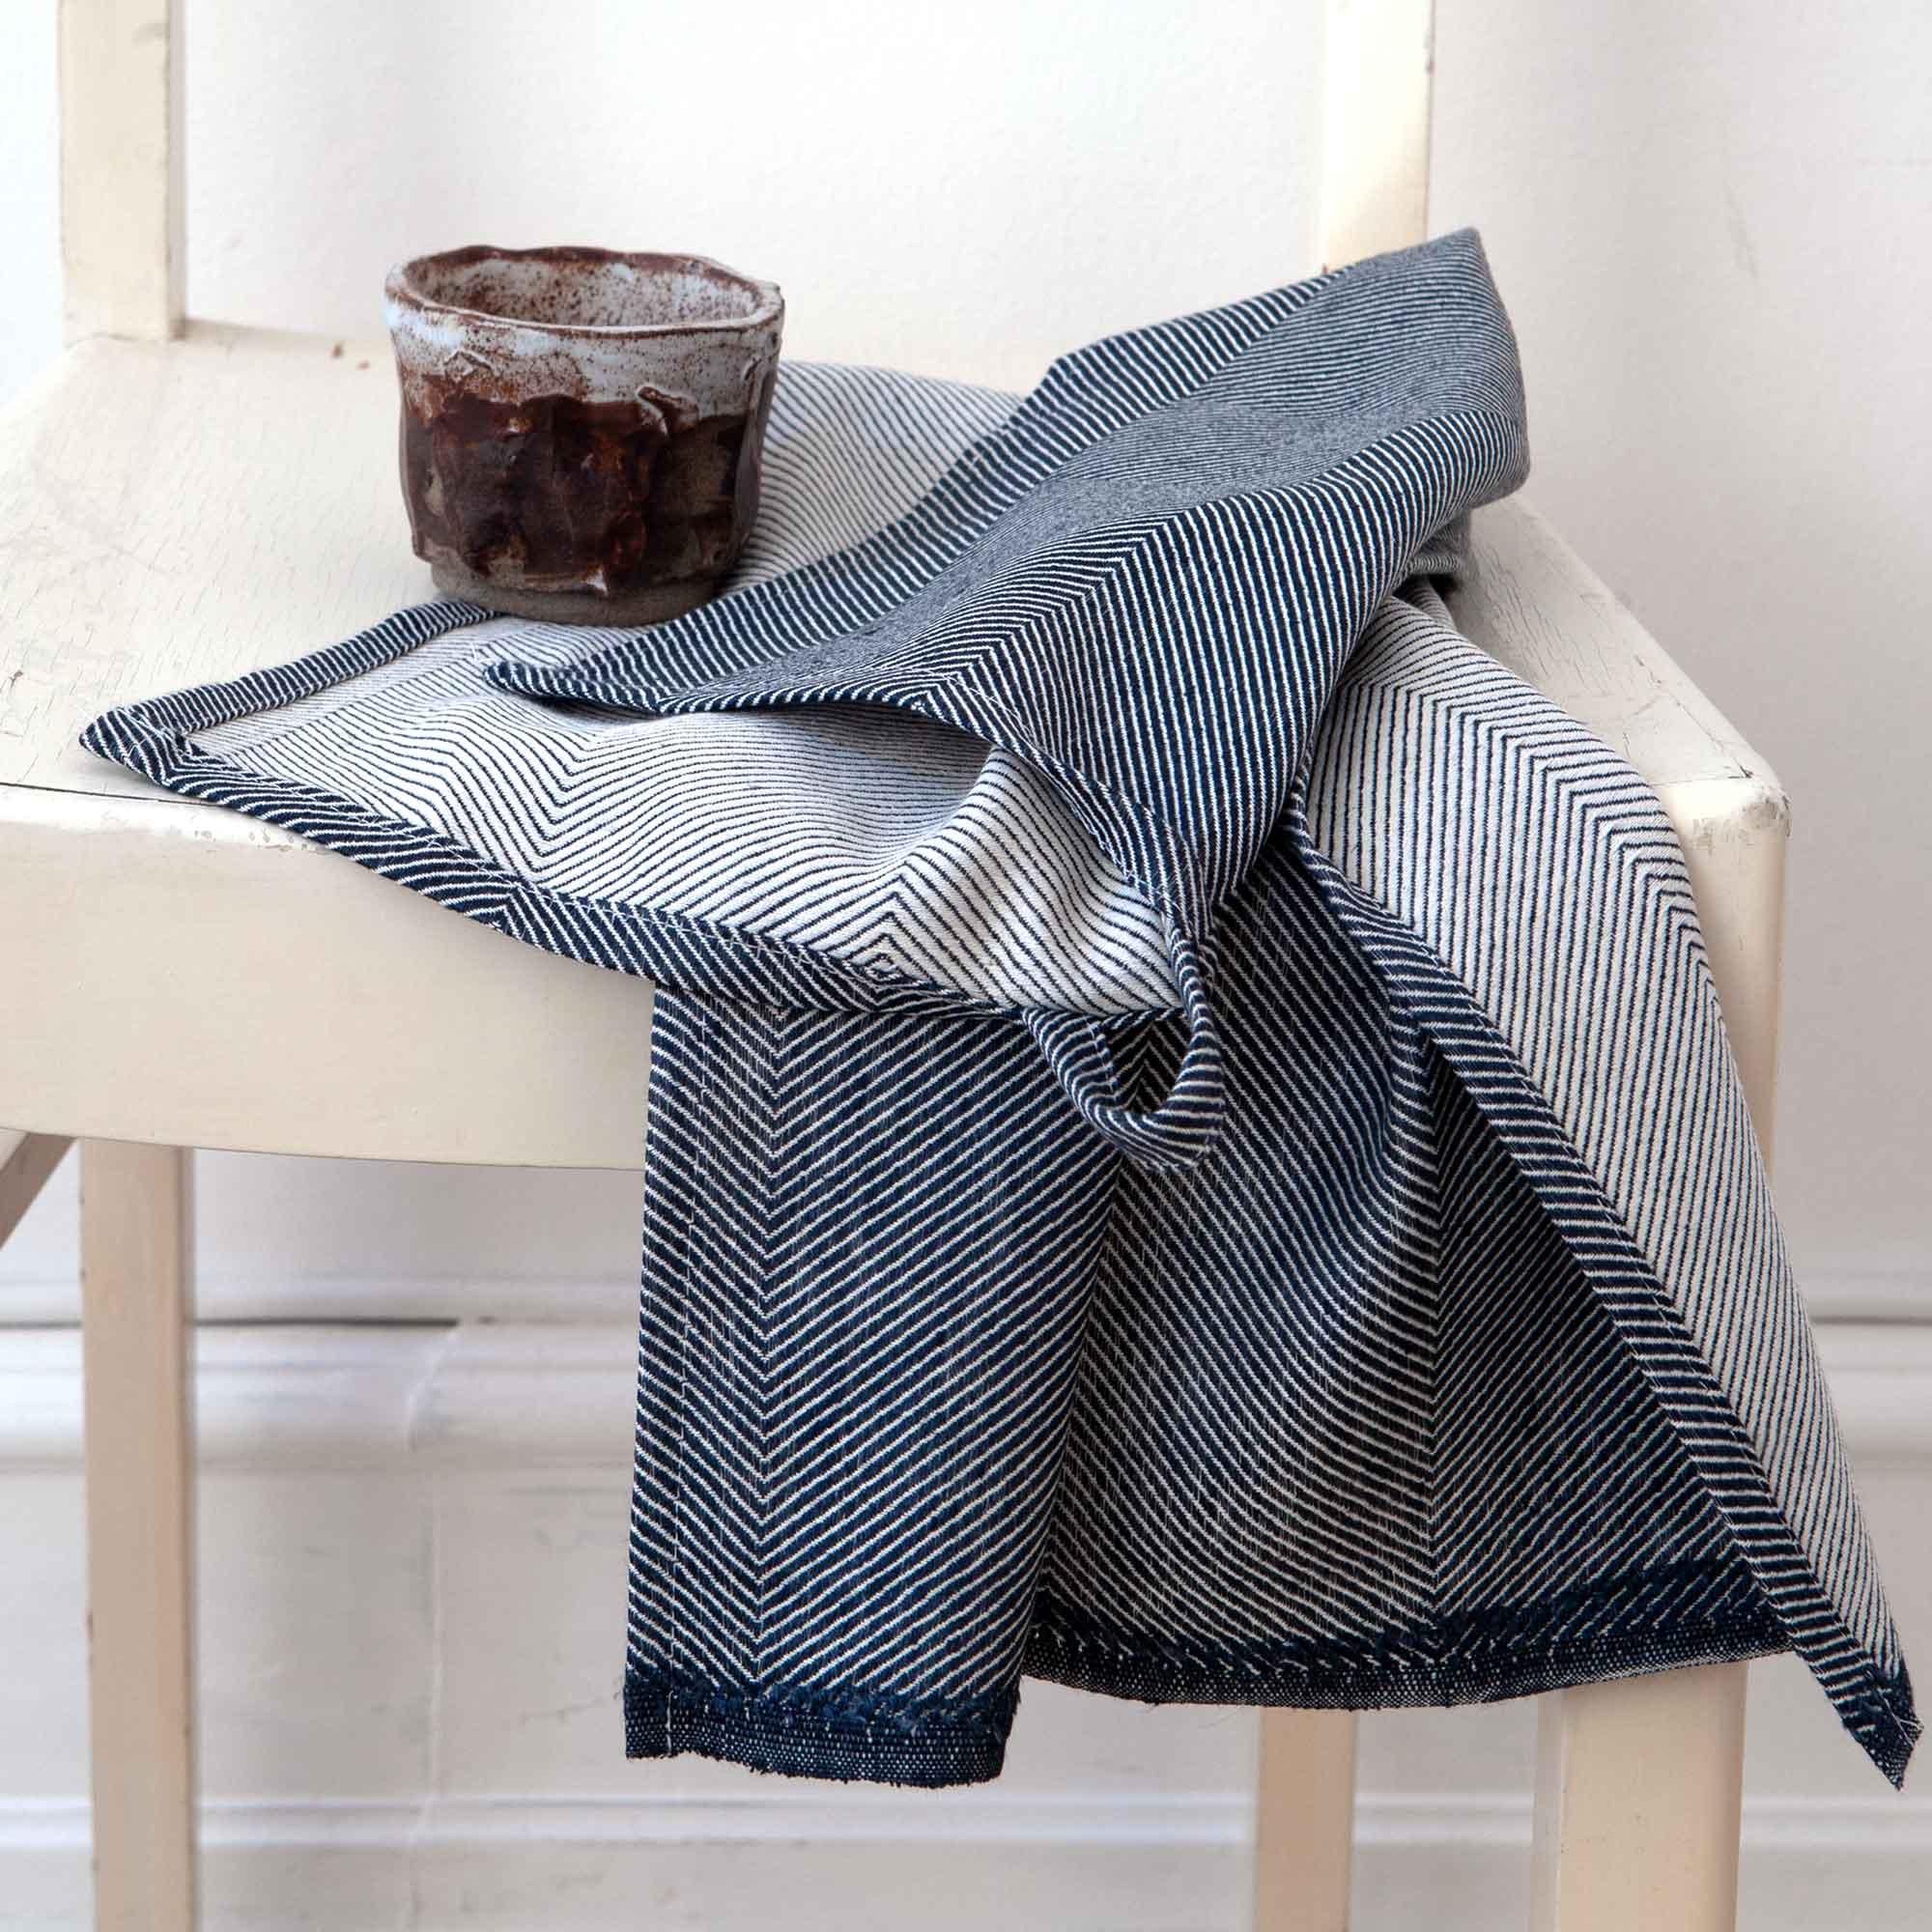 Tea towel, indigo, linen/cotton, design by Anne Rosenberg, RosenbergCph